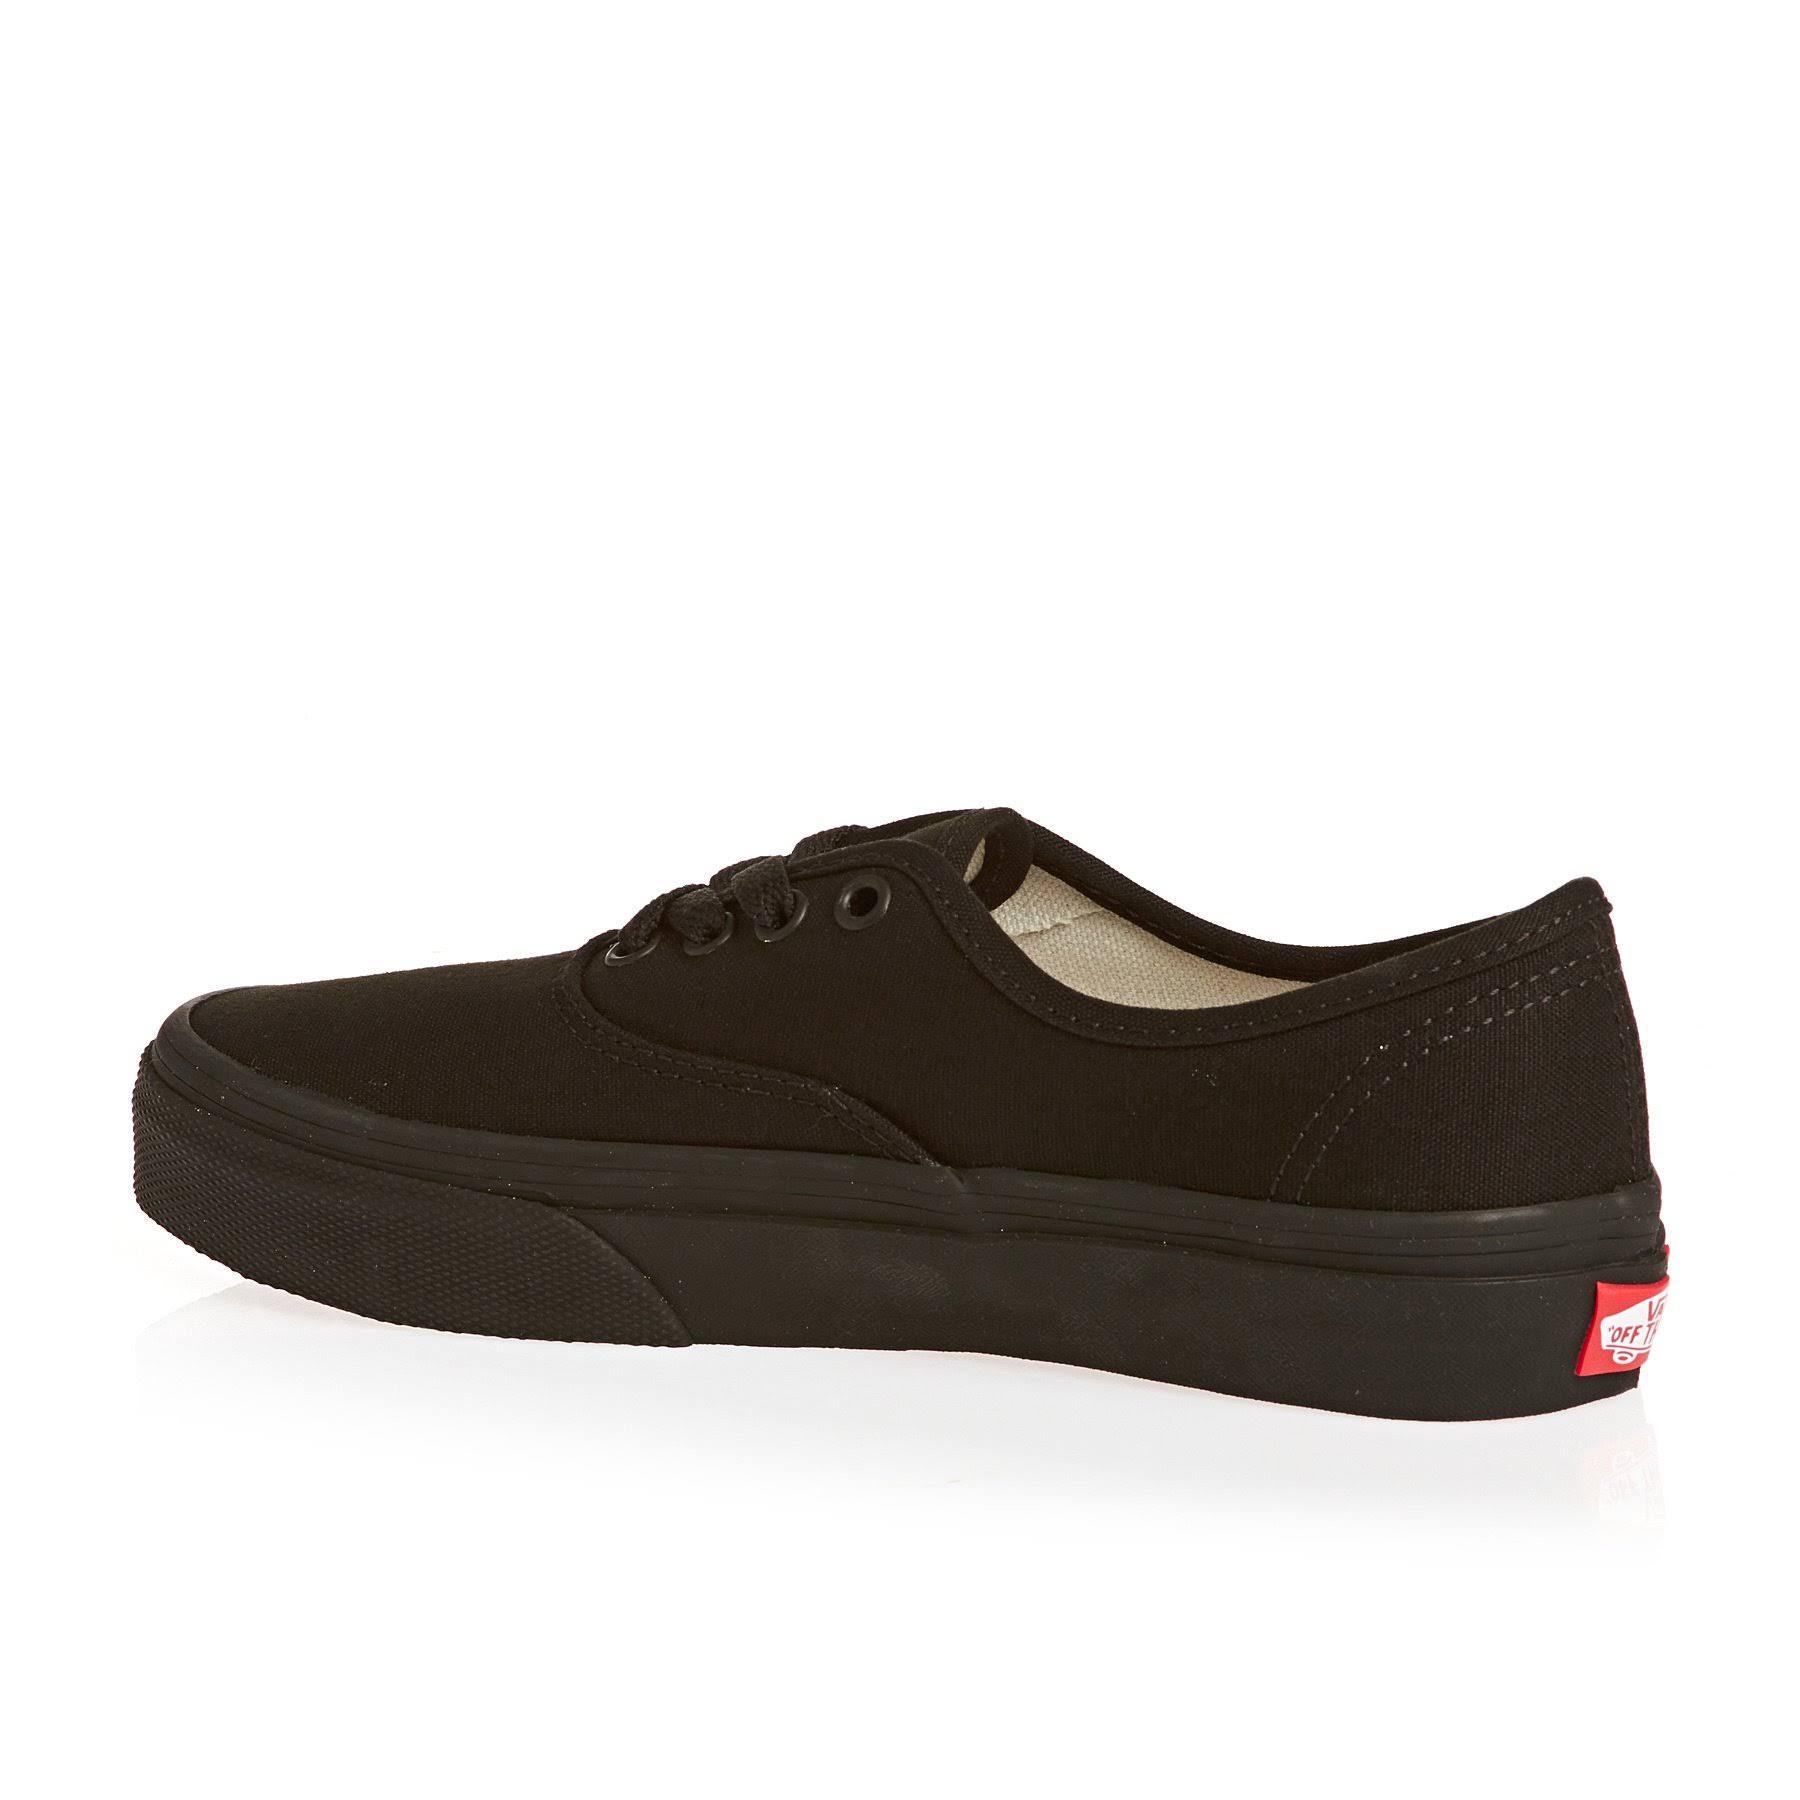 Vans Preschool Vn0wwxenr001 Shoes Authentic Czarny Boys nwPwqprR0